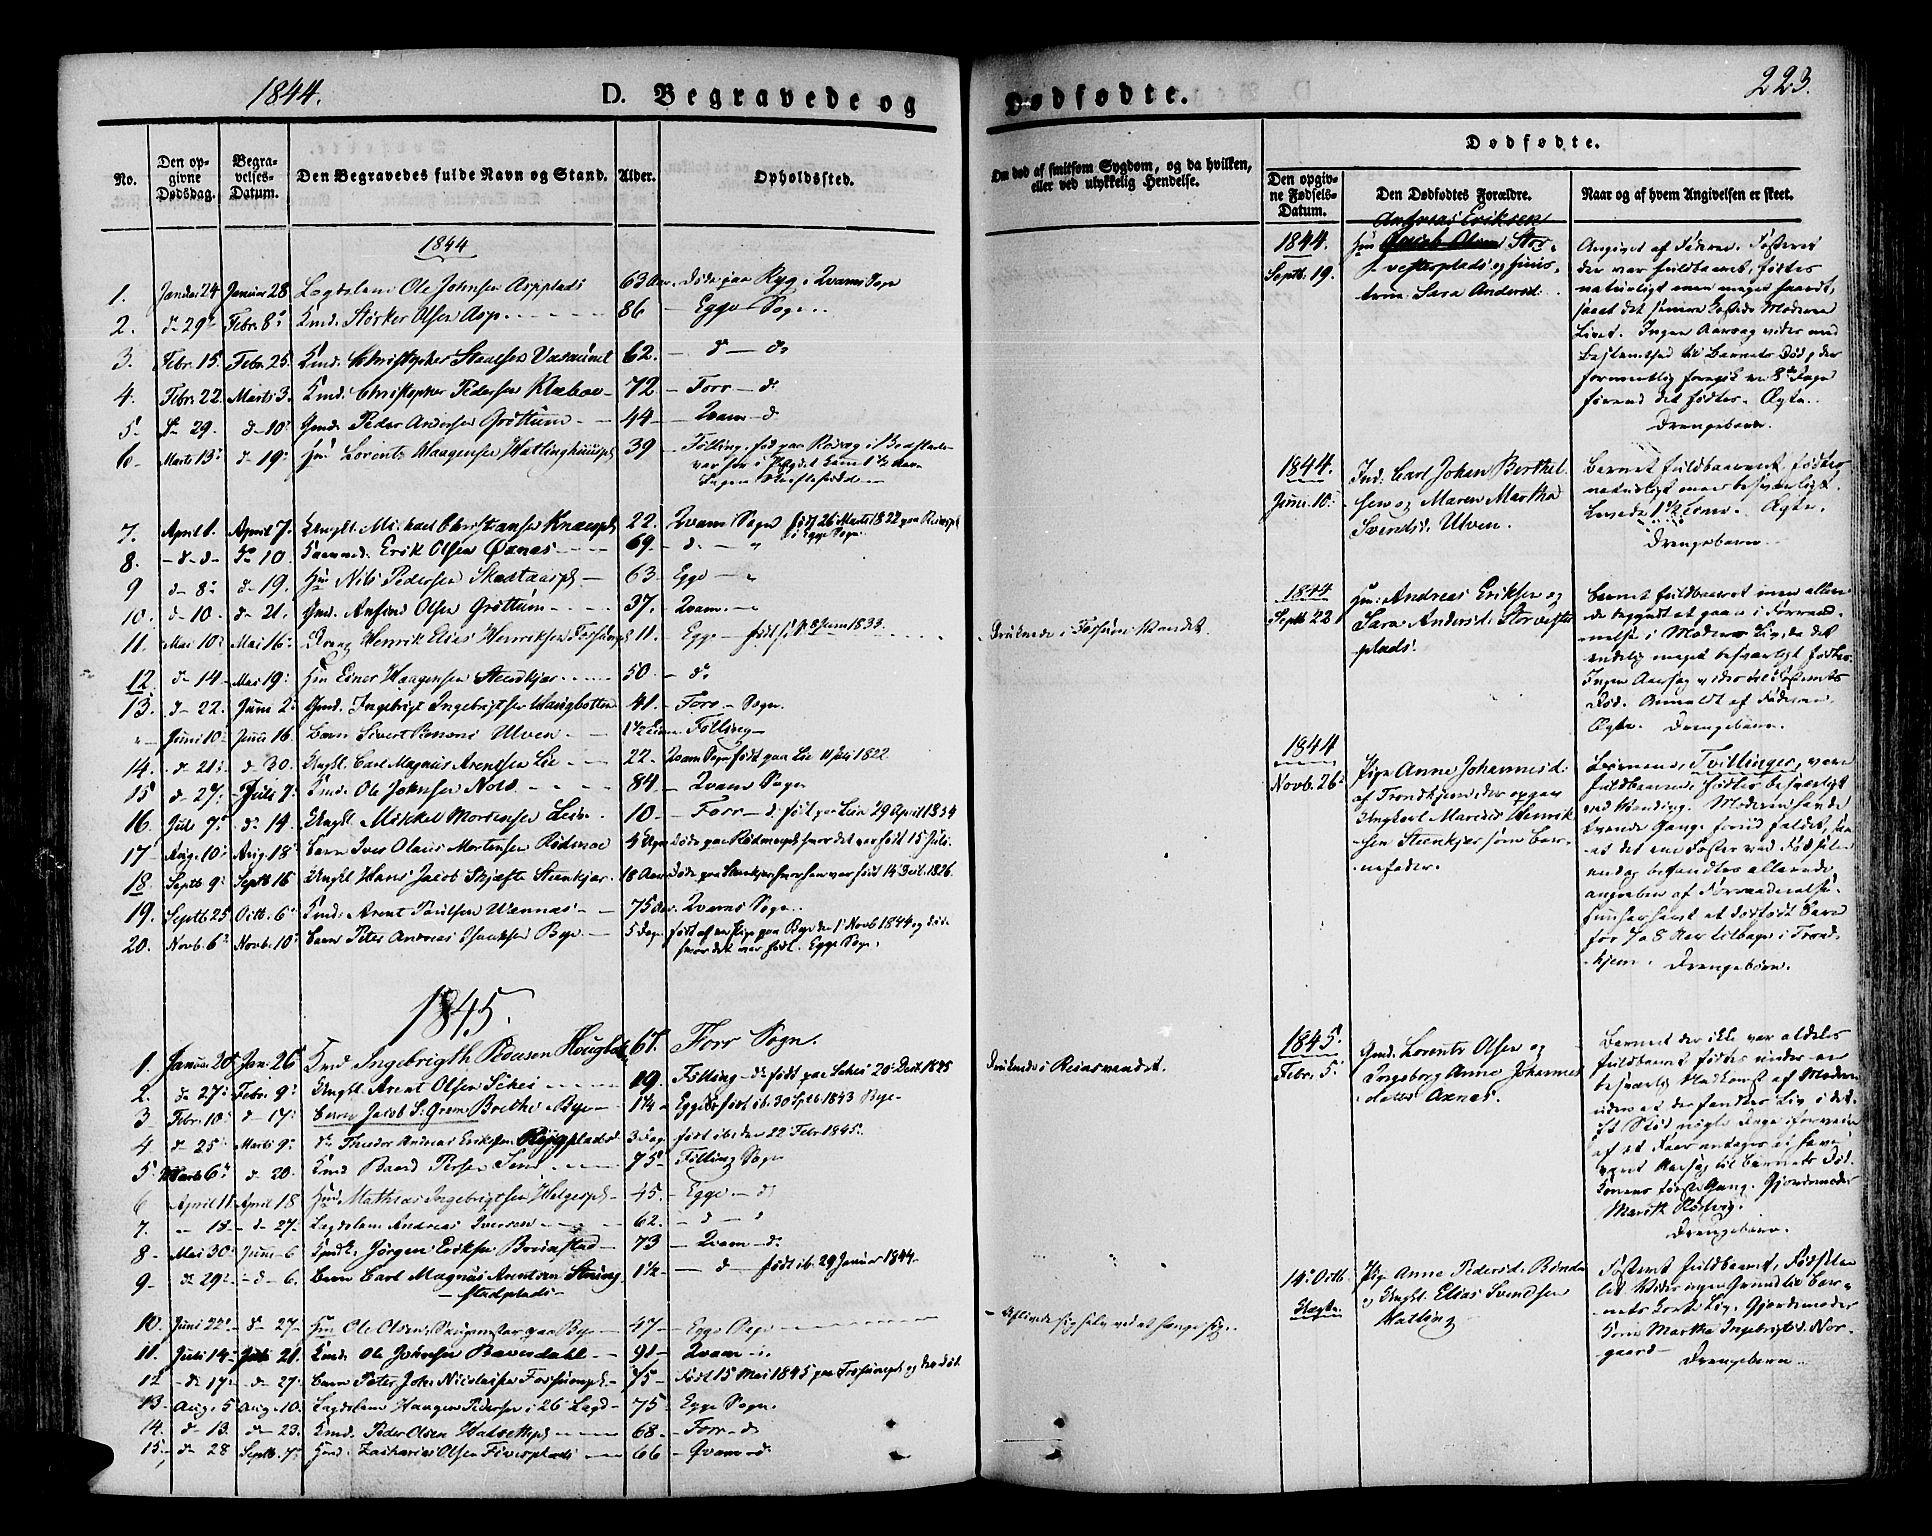 SAT, Ministerialprotokoller, klokkerbøker og fødselsregistre - Nord-Trøndelag, 746/L0445: Ministerialbok nr. 746A04, 1826-1846, s. 223